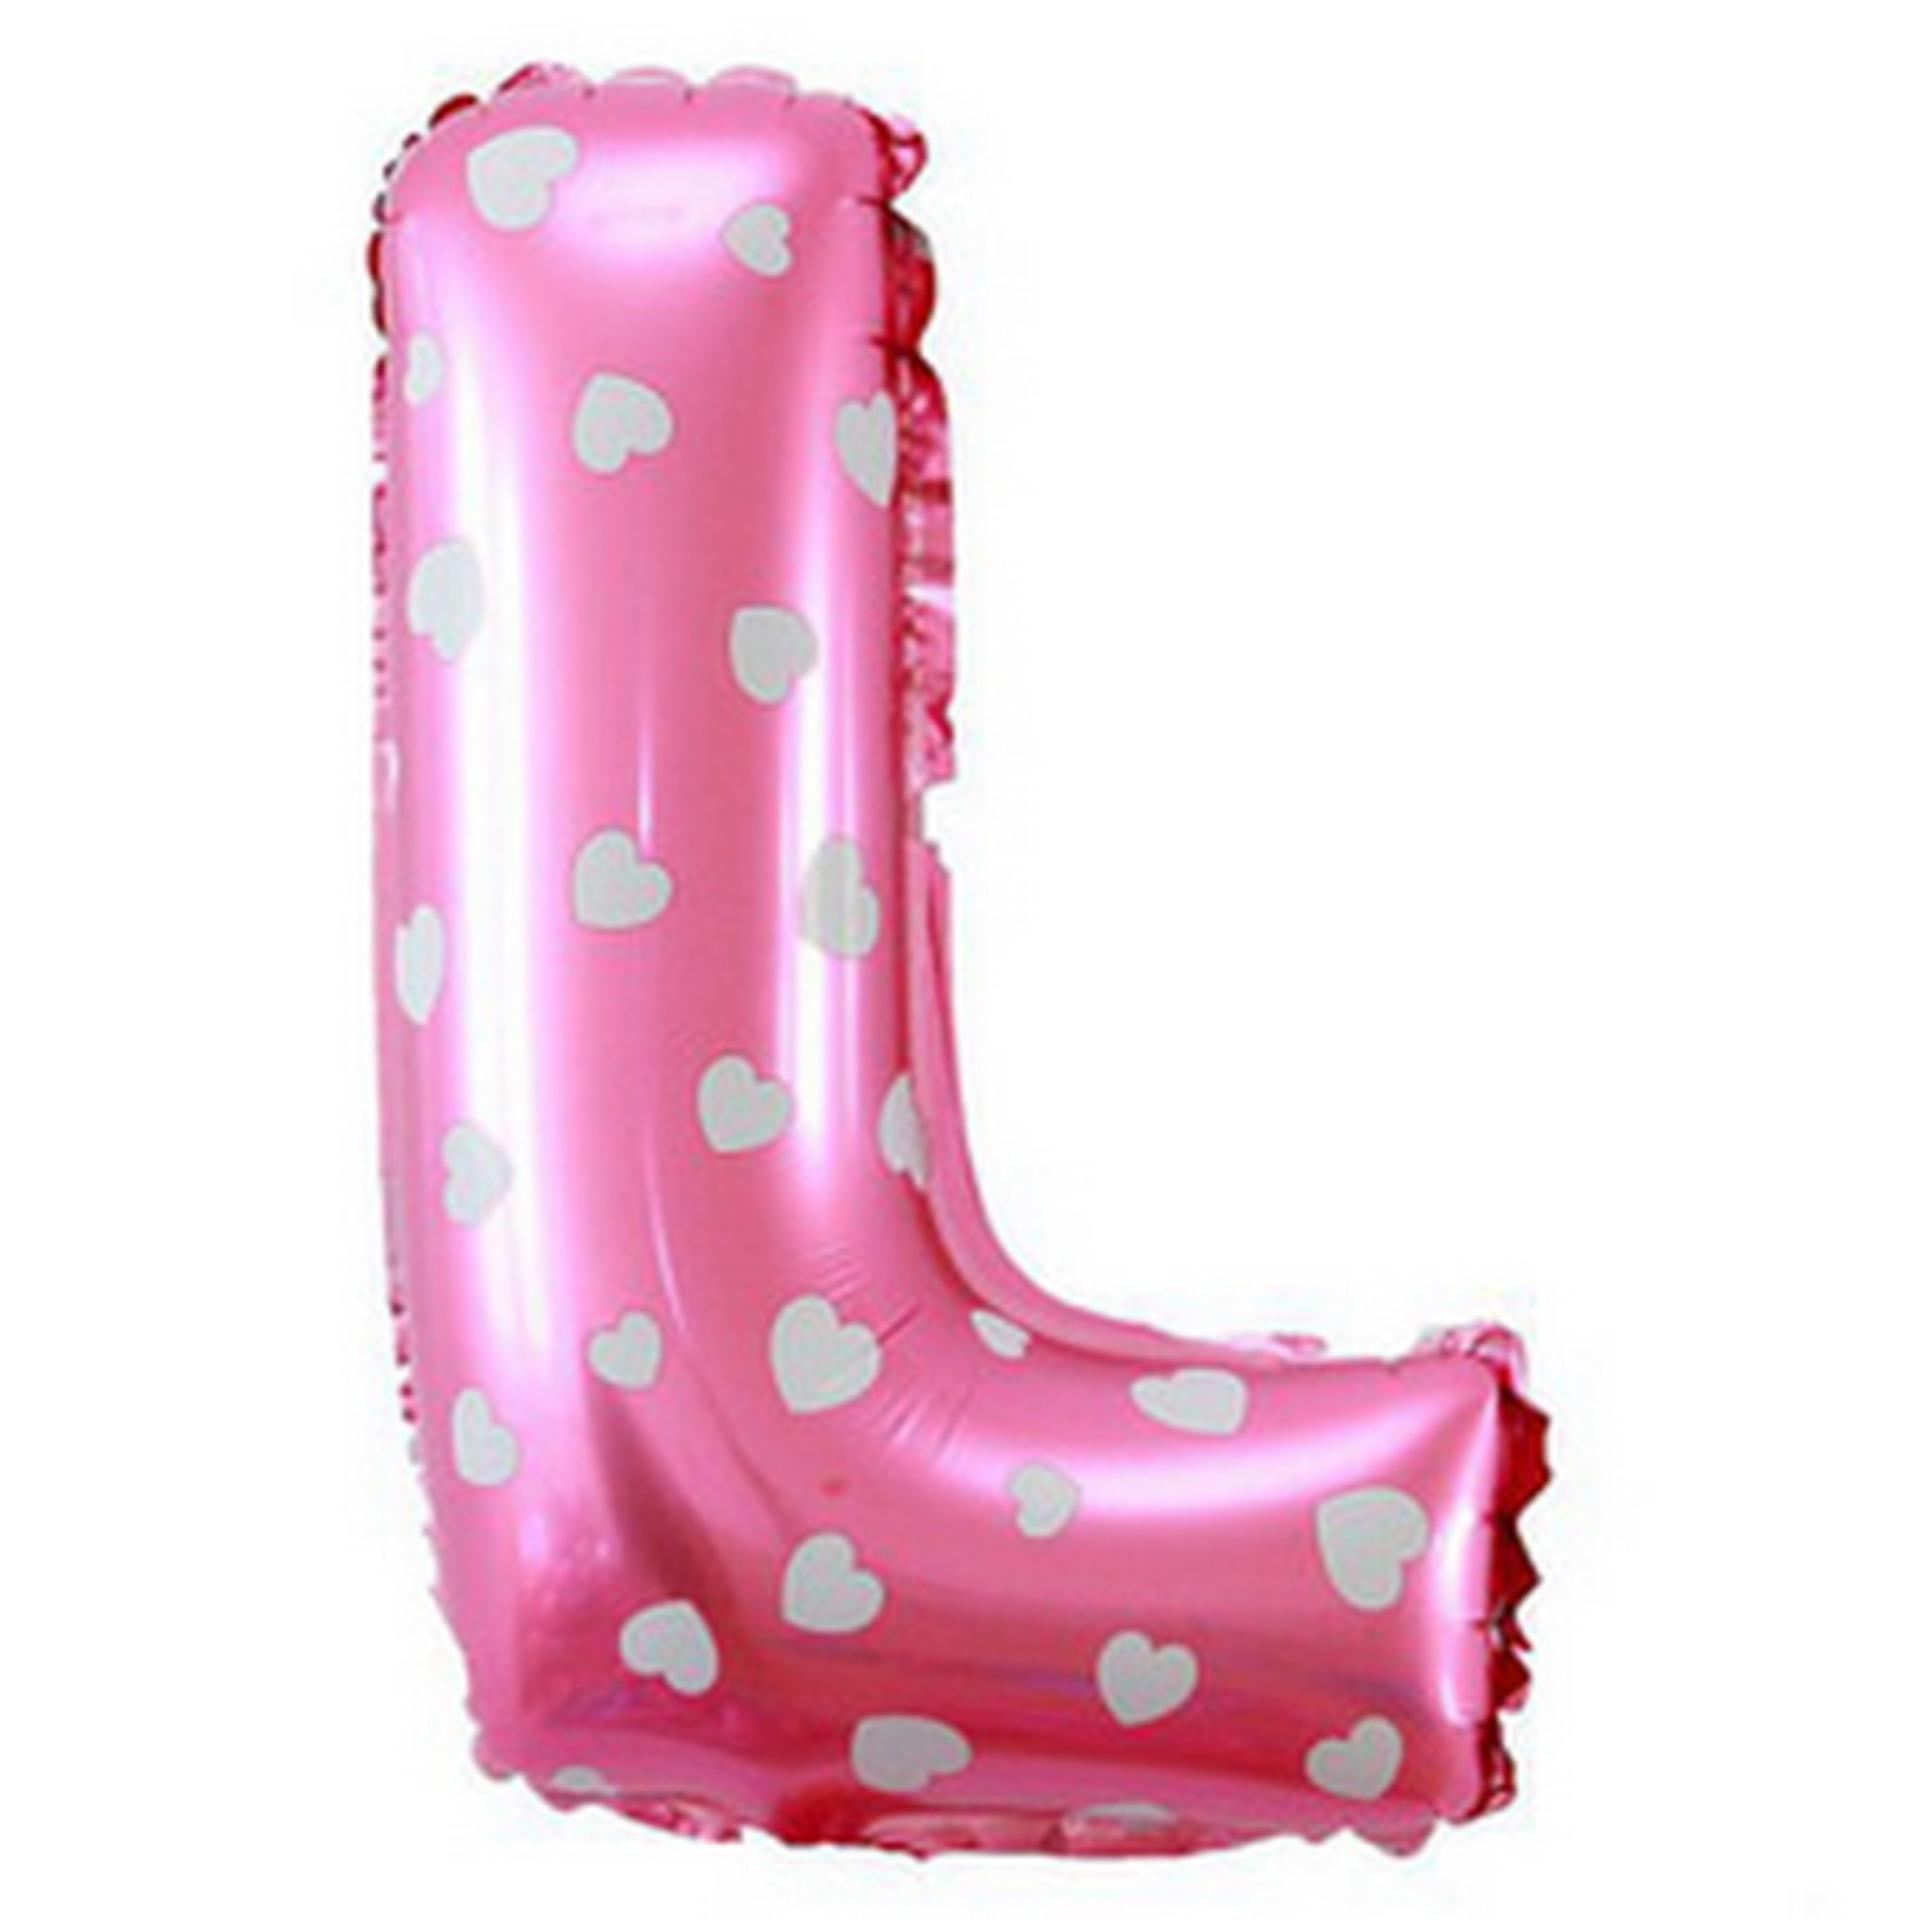 Foil Balon Huruf H Pink Motif Love Daftar Harga Terlengkap Shock Price L